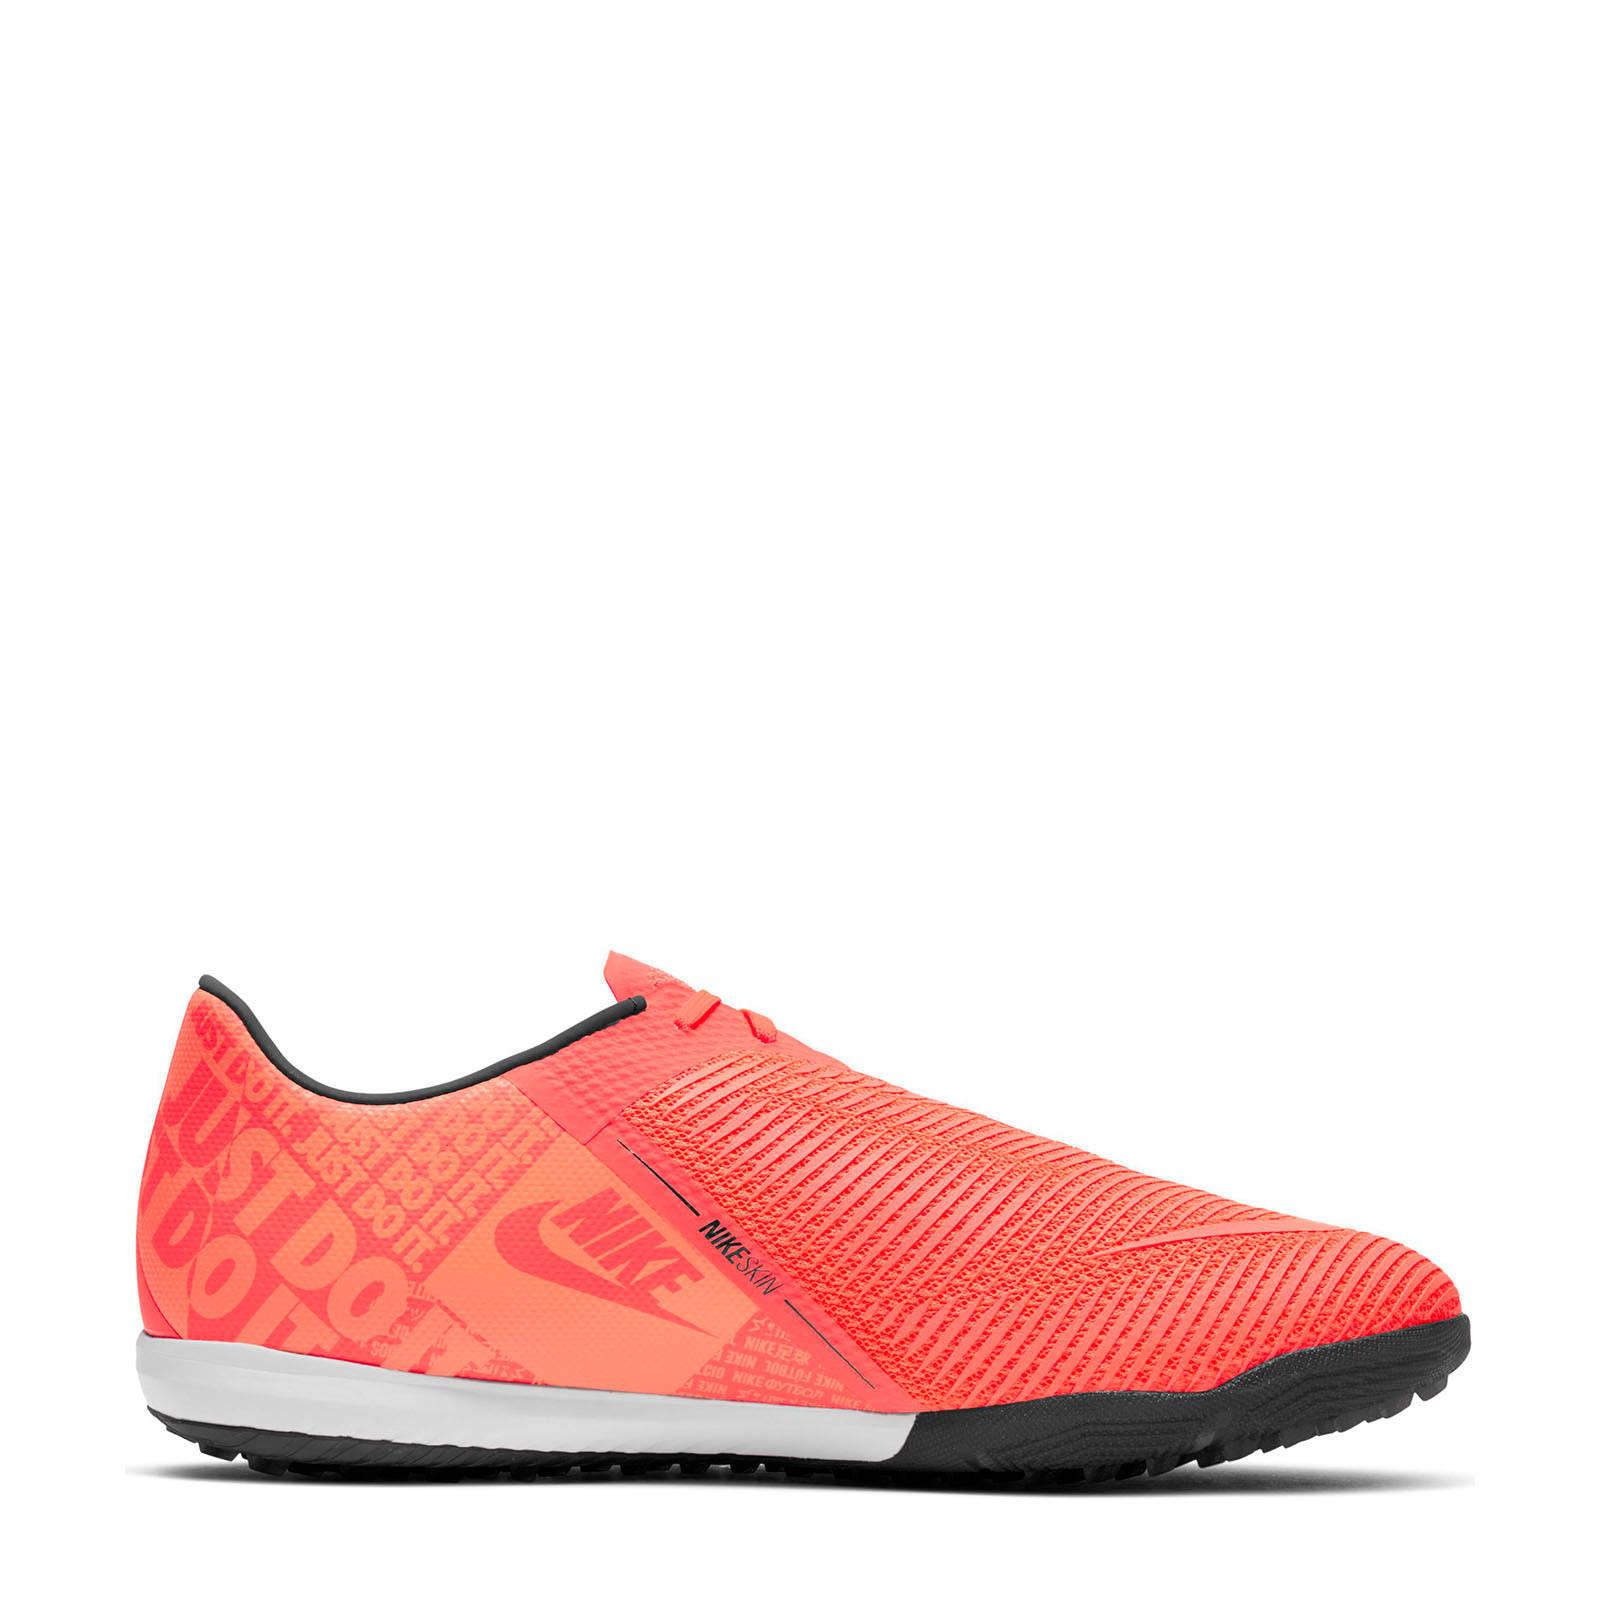 Nike voetbalschoenen bij wehkamp Gratis bezorging vanaf 20.